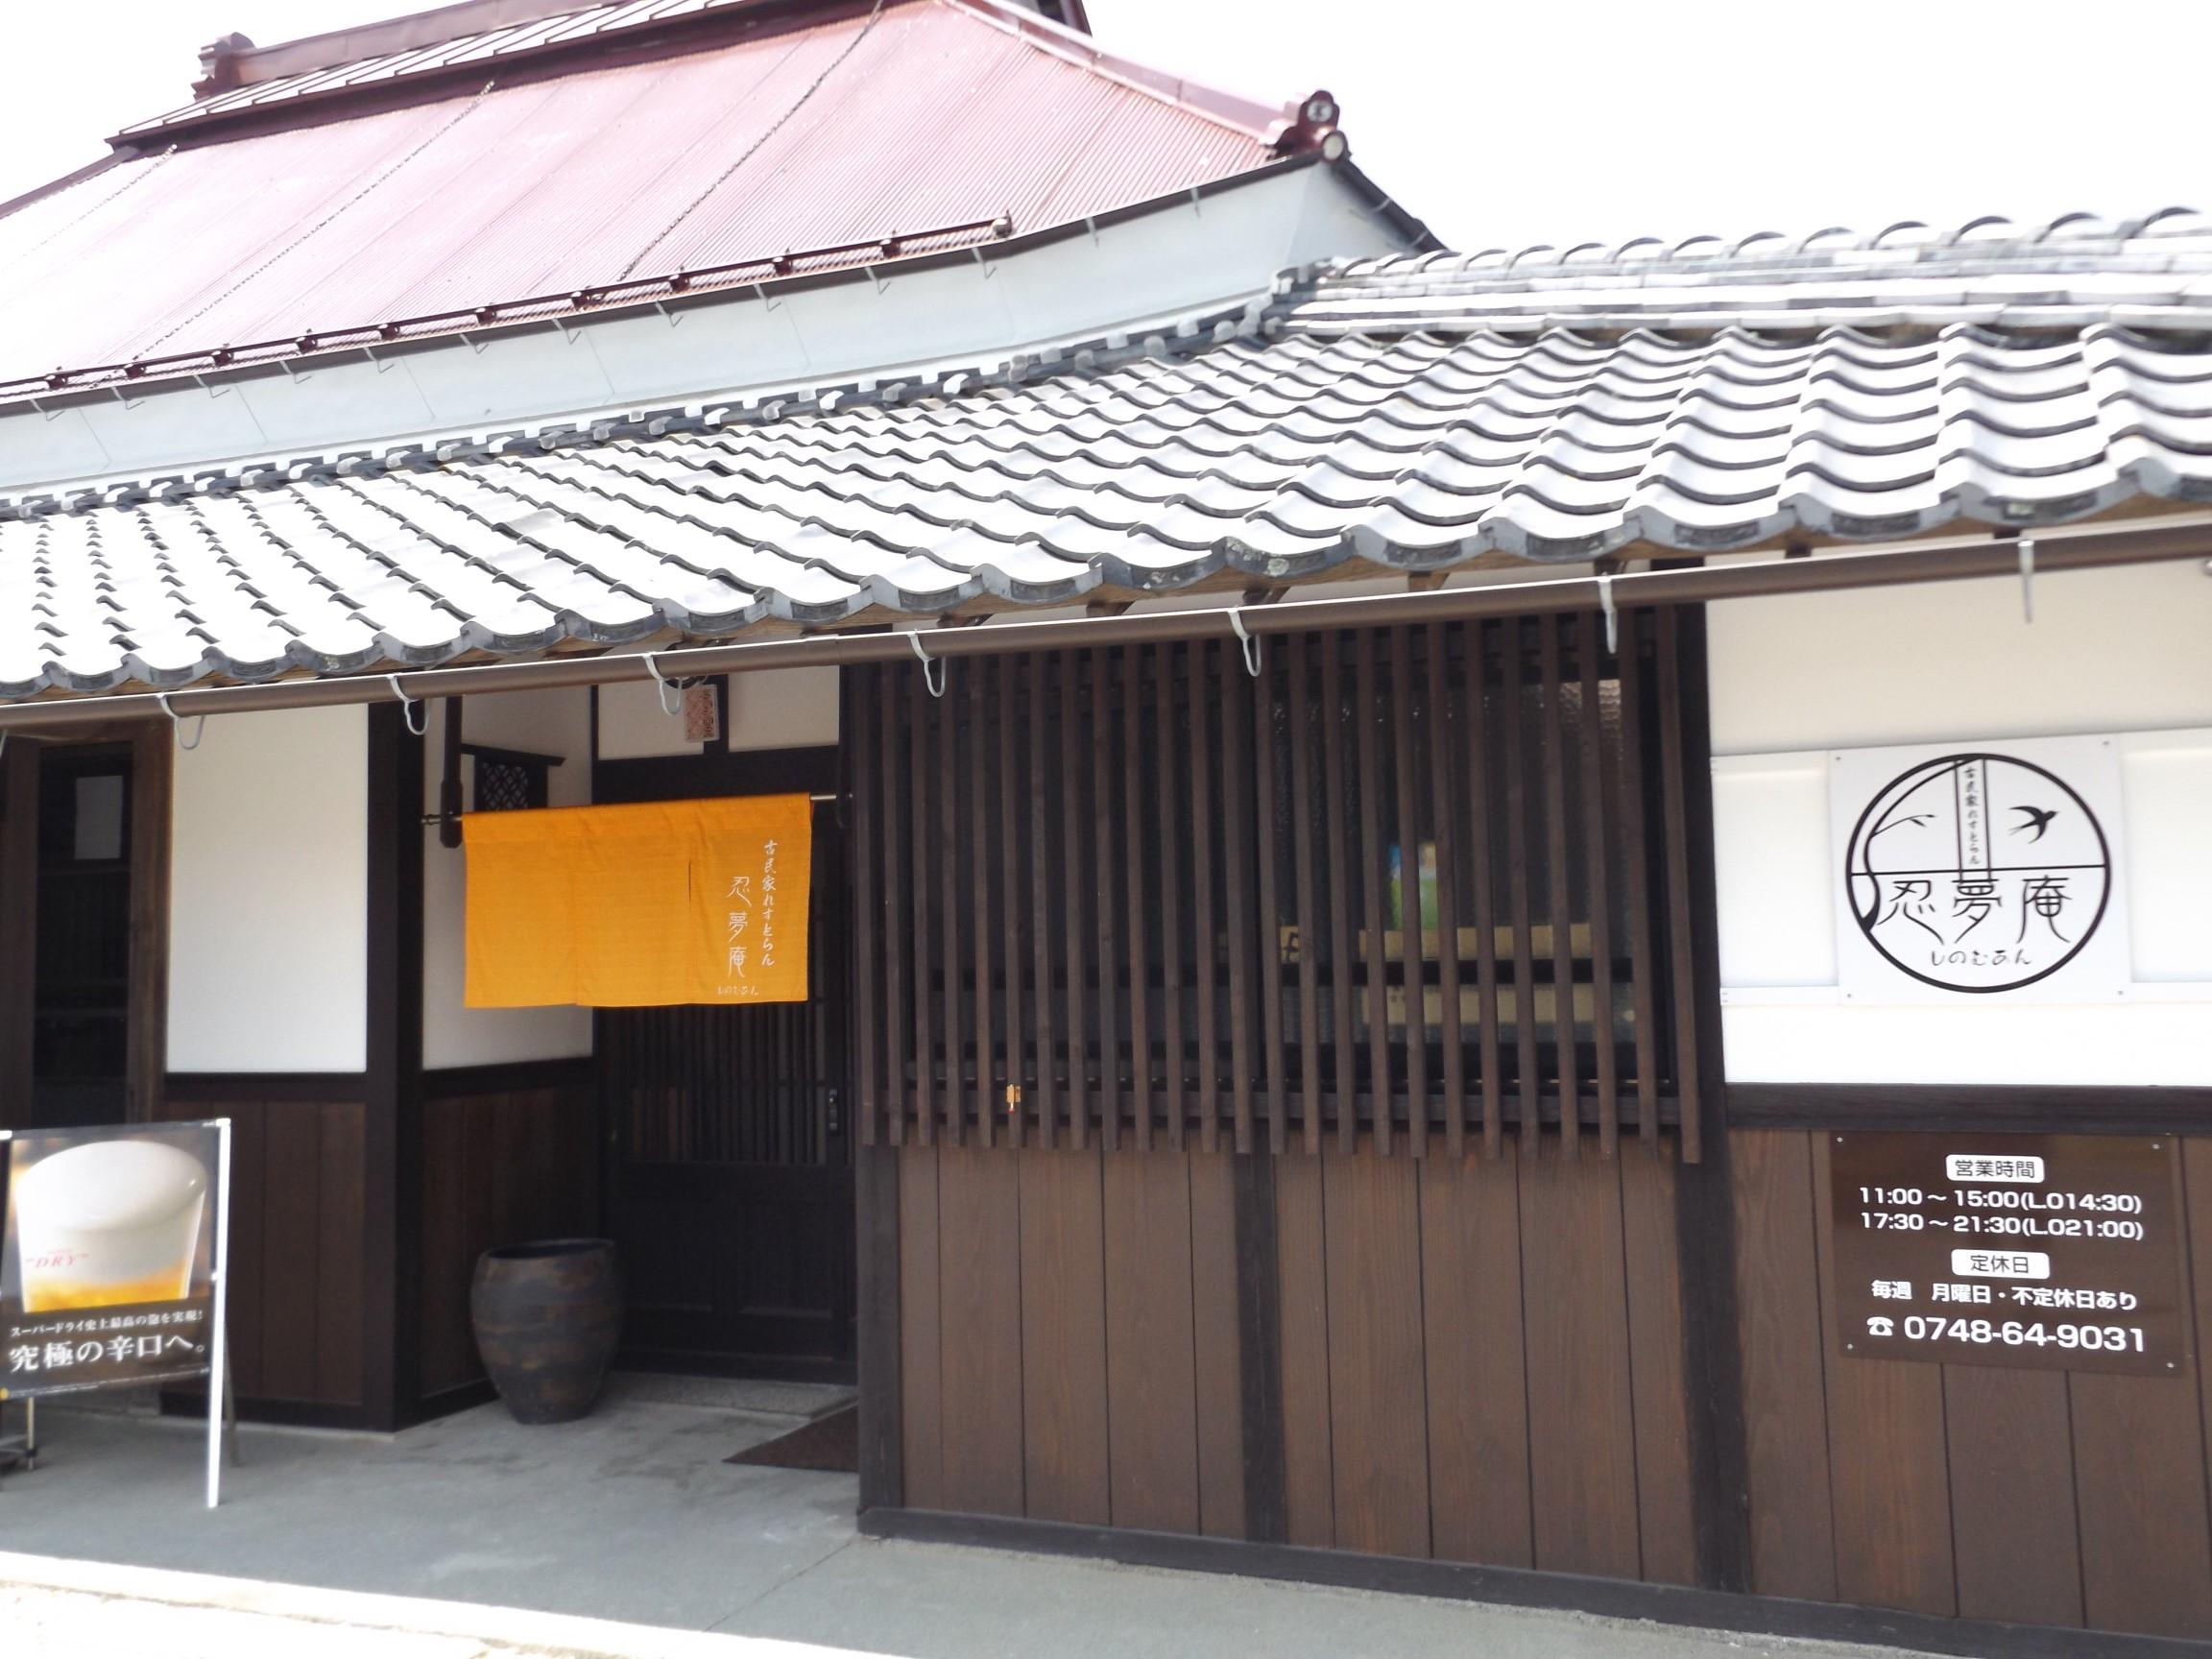 7/15「忍夢庵」メニューがパワーアップしてリニューアルオープン!